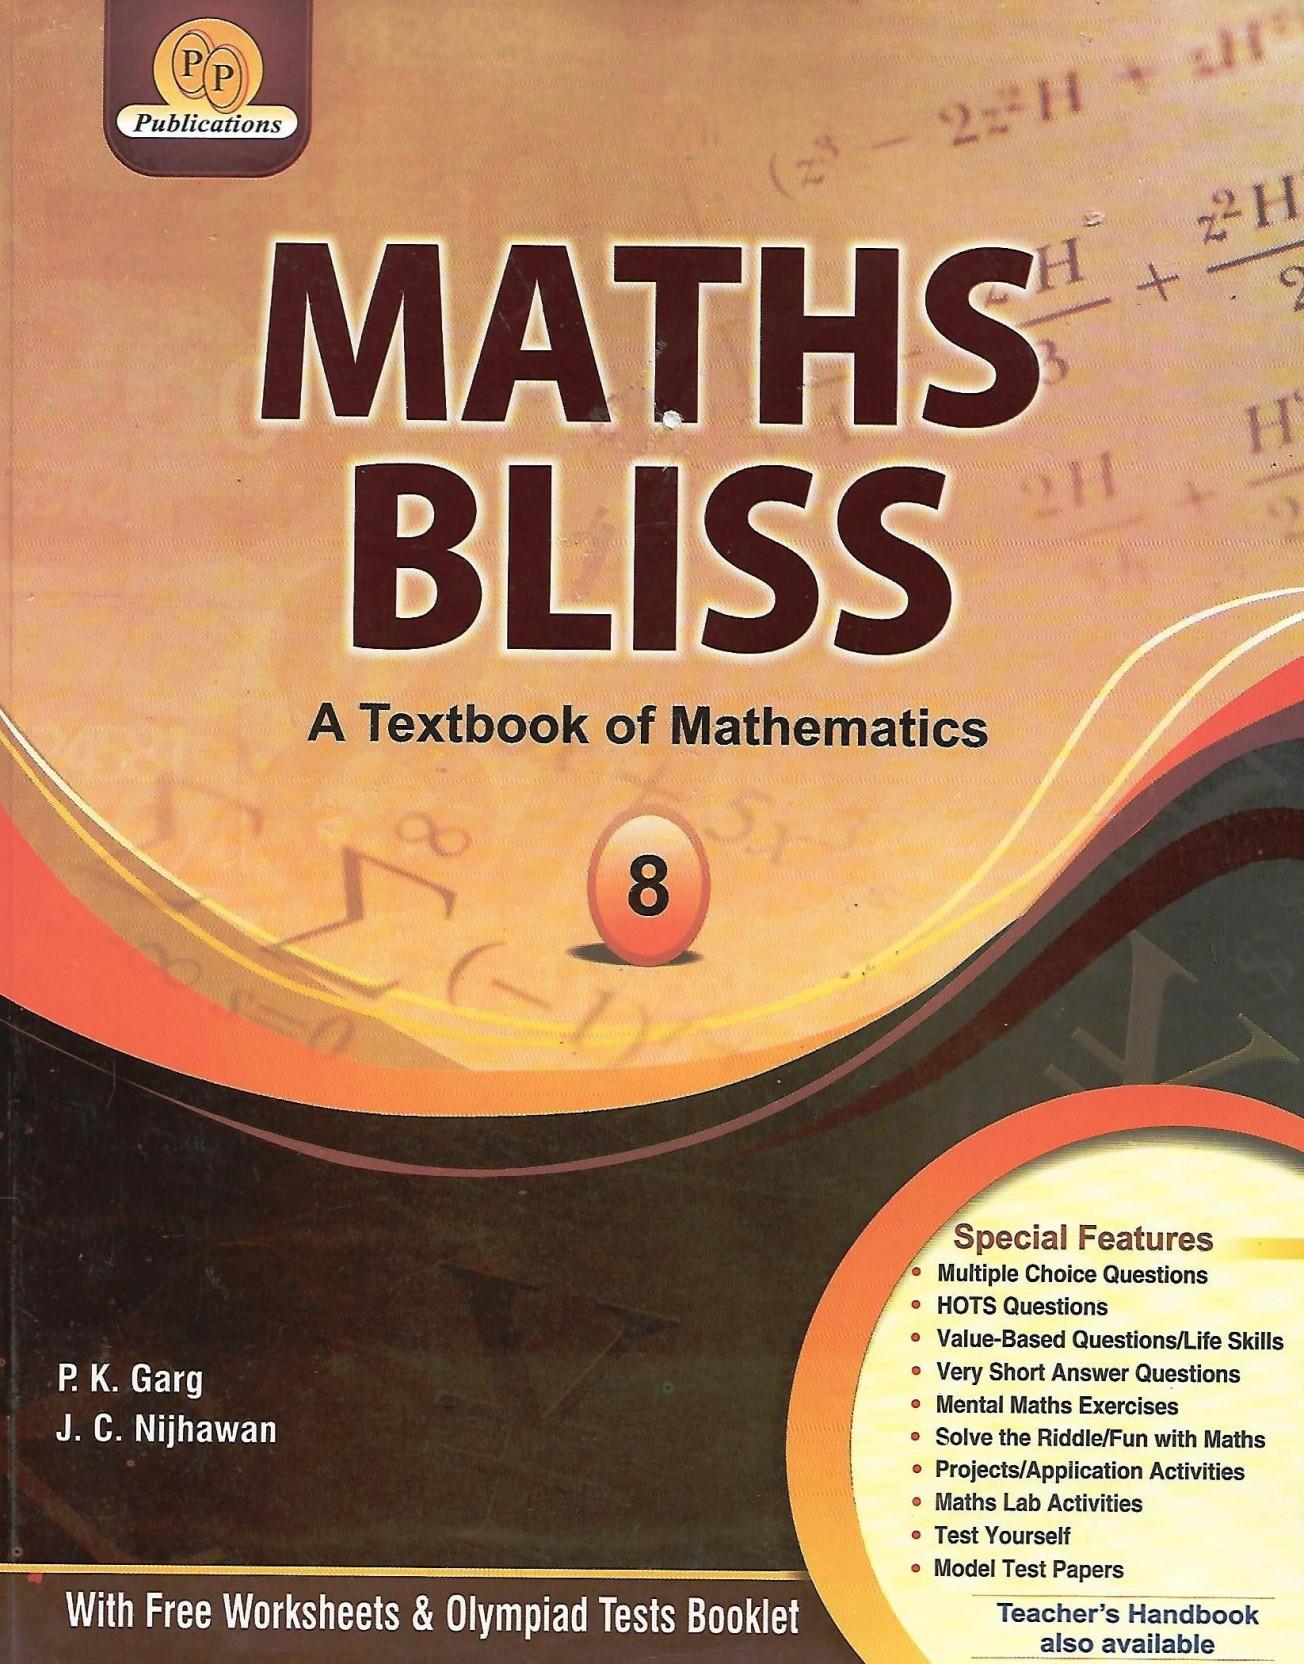 P P PUBLICATIONS MATHS BLISS (A TEXTBOOK OF MATHEMATICS